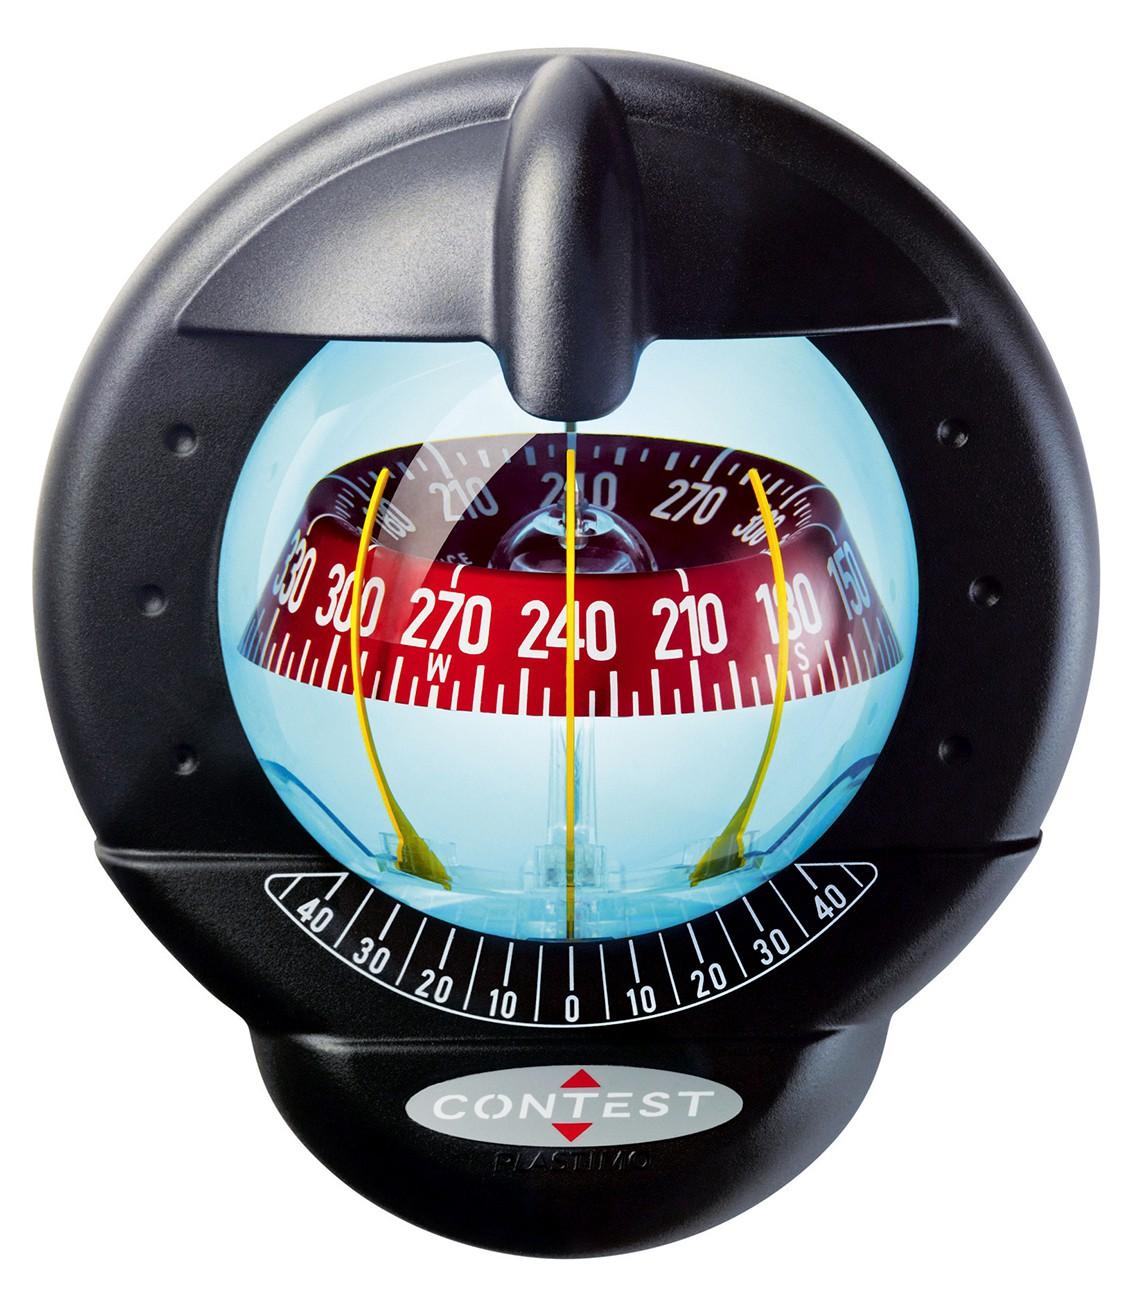 Plastimo Kompass Contest 101 für geneigte Schotten 10-25° schwarz, rot